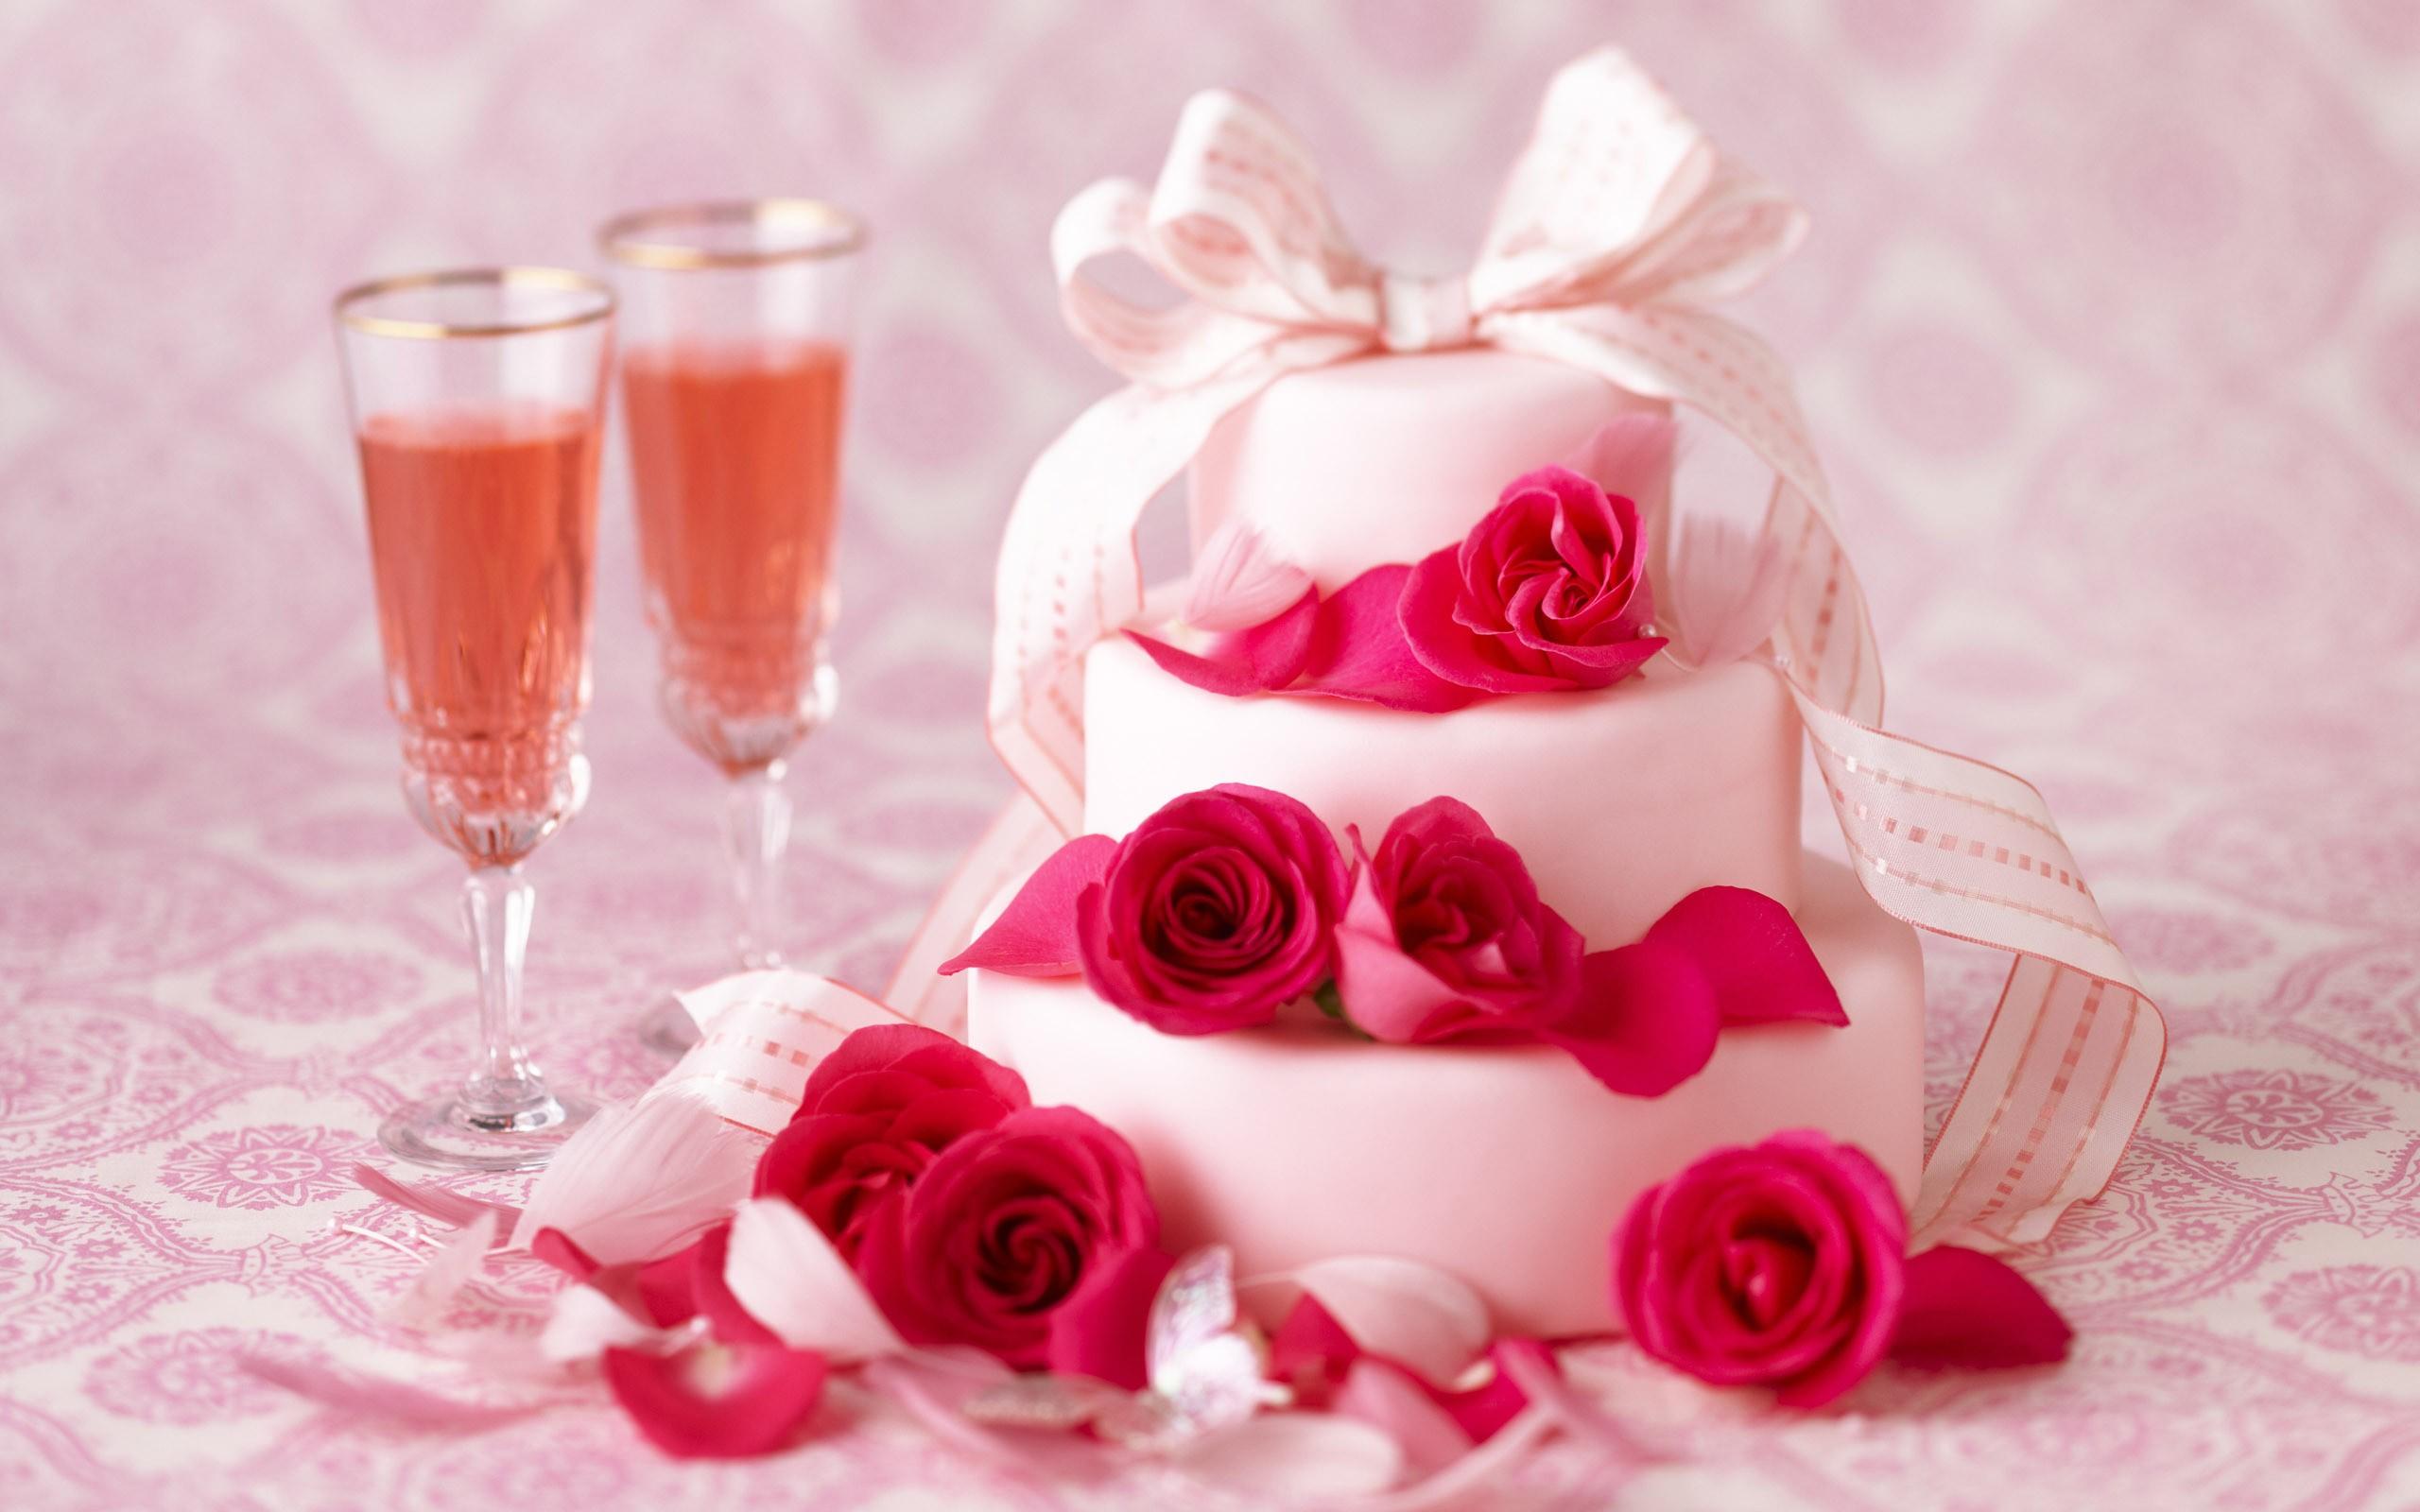 Torta de bodas - 2560x1600